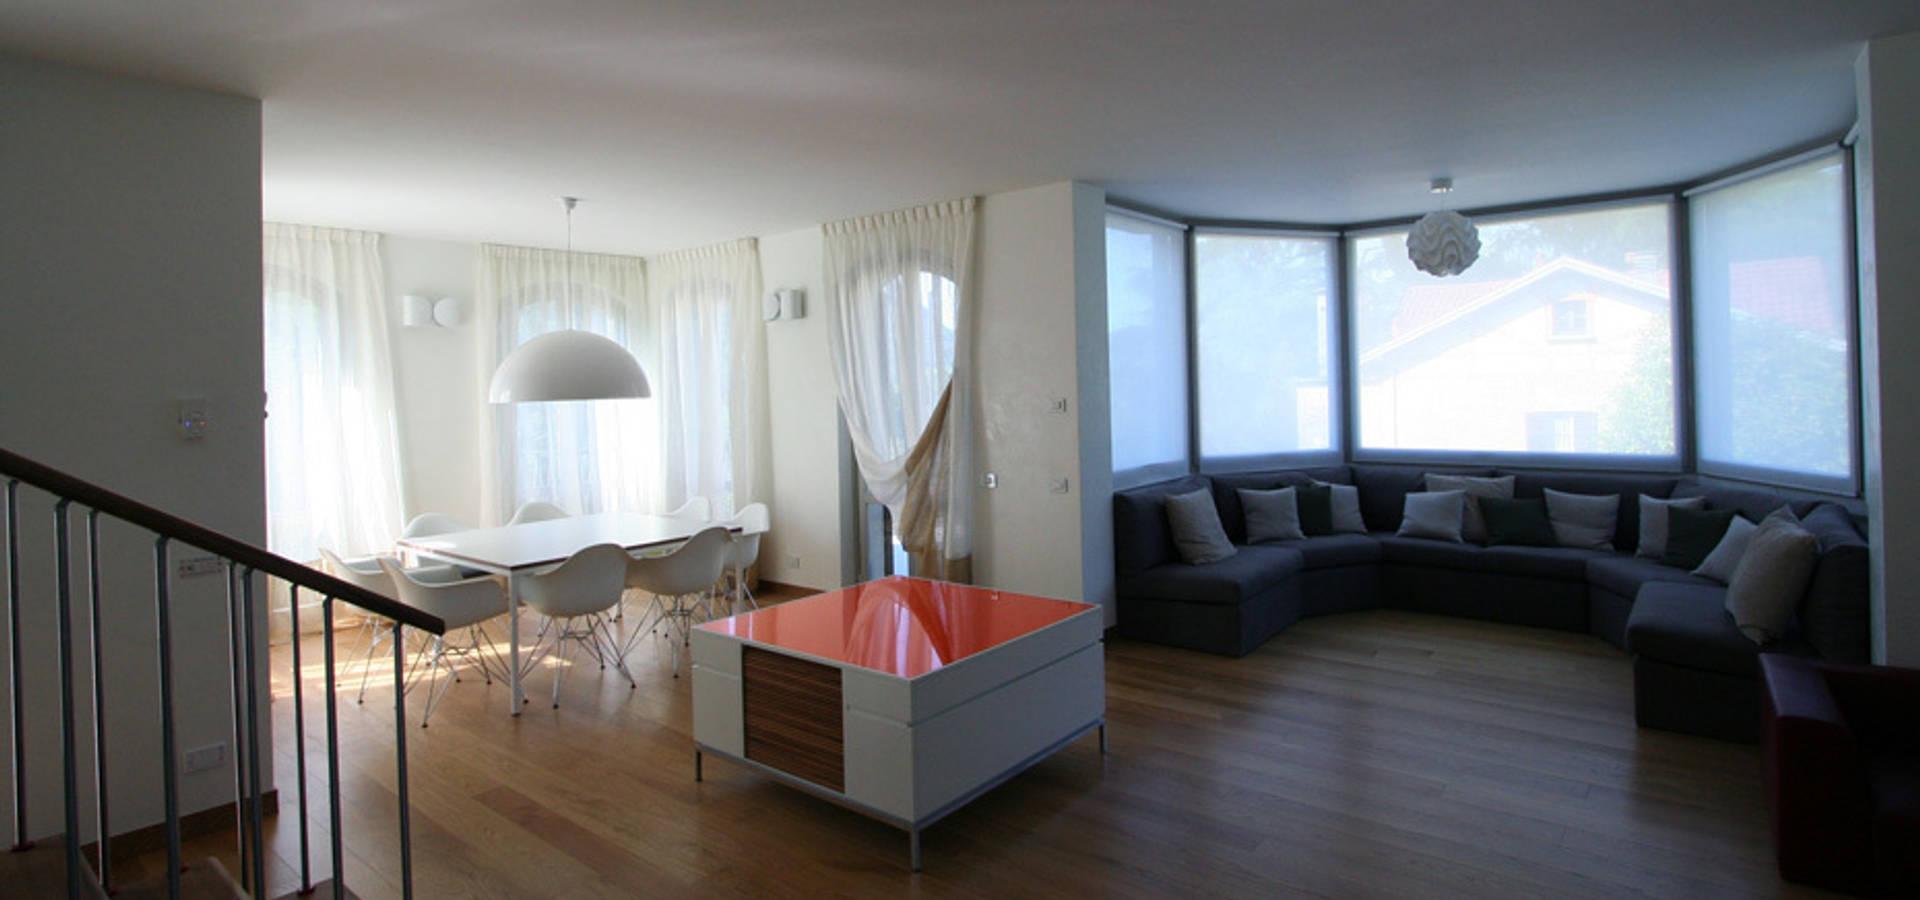 Emilia Barilli Studio di Architettura